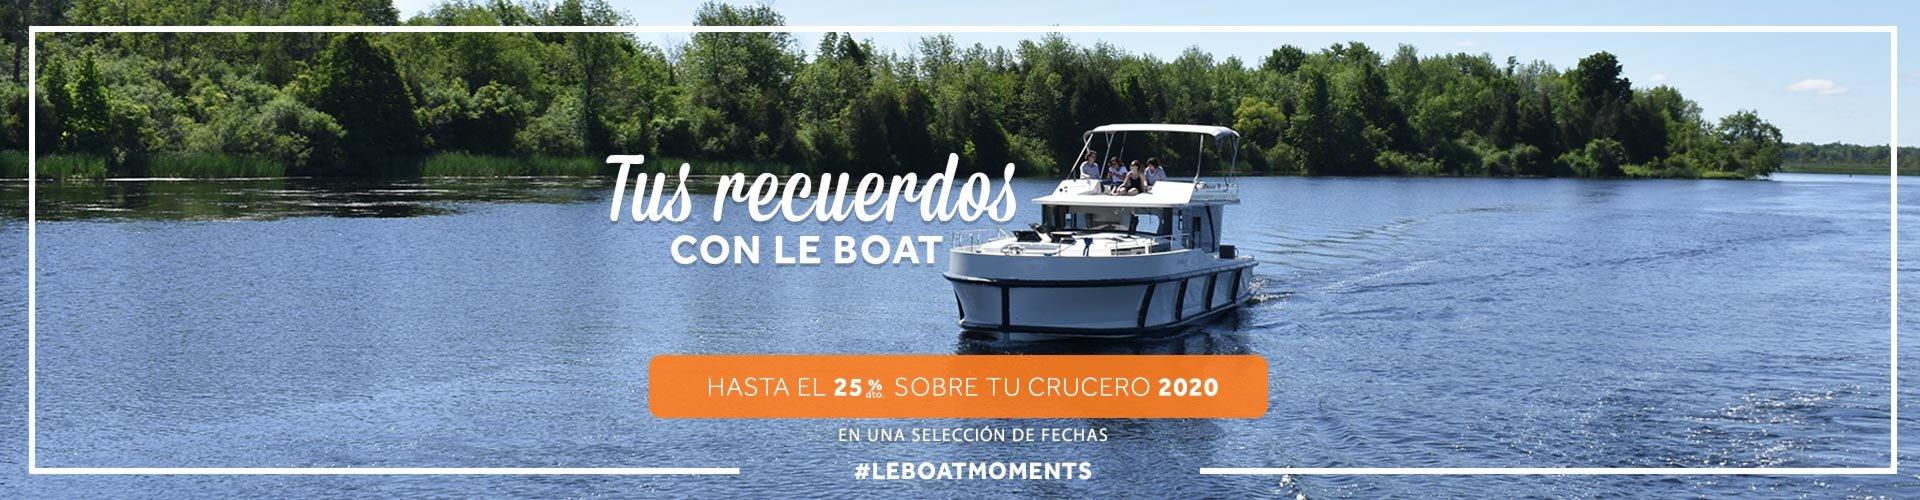 Vacaciones fluviales con Le Boat